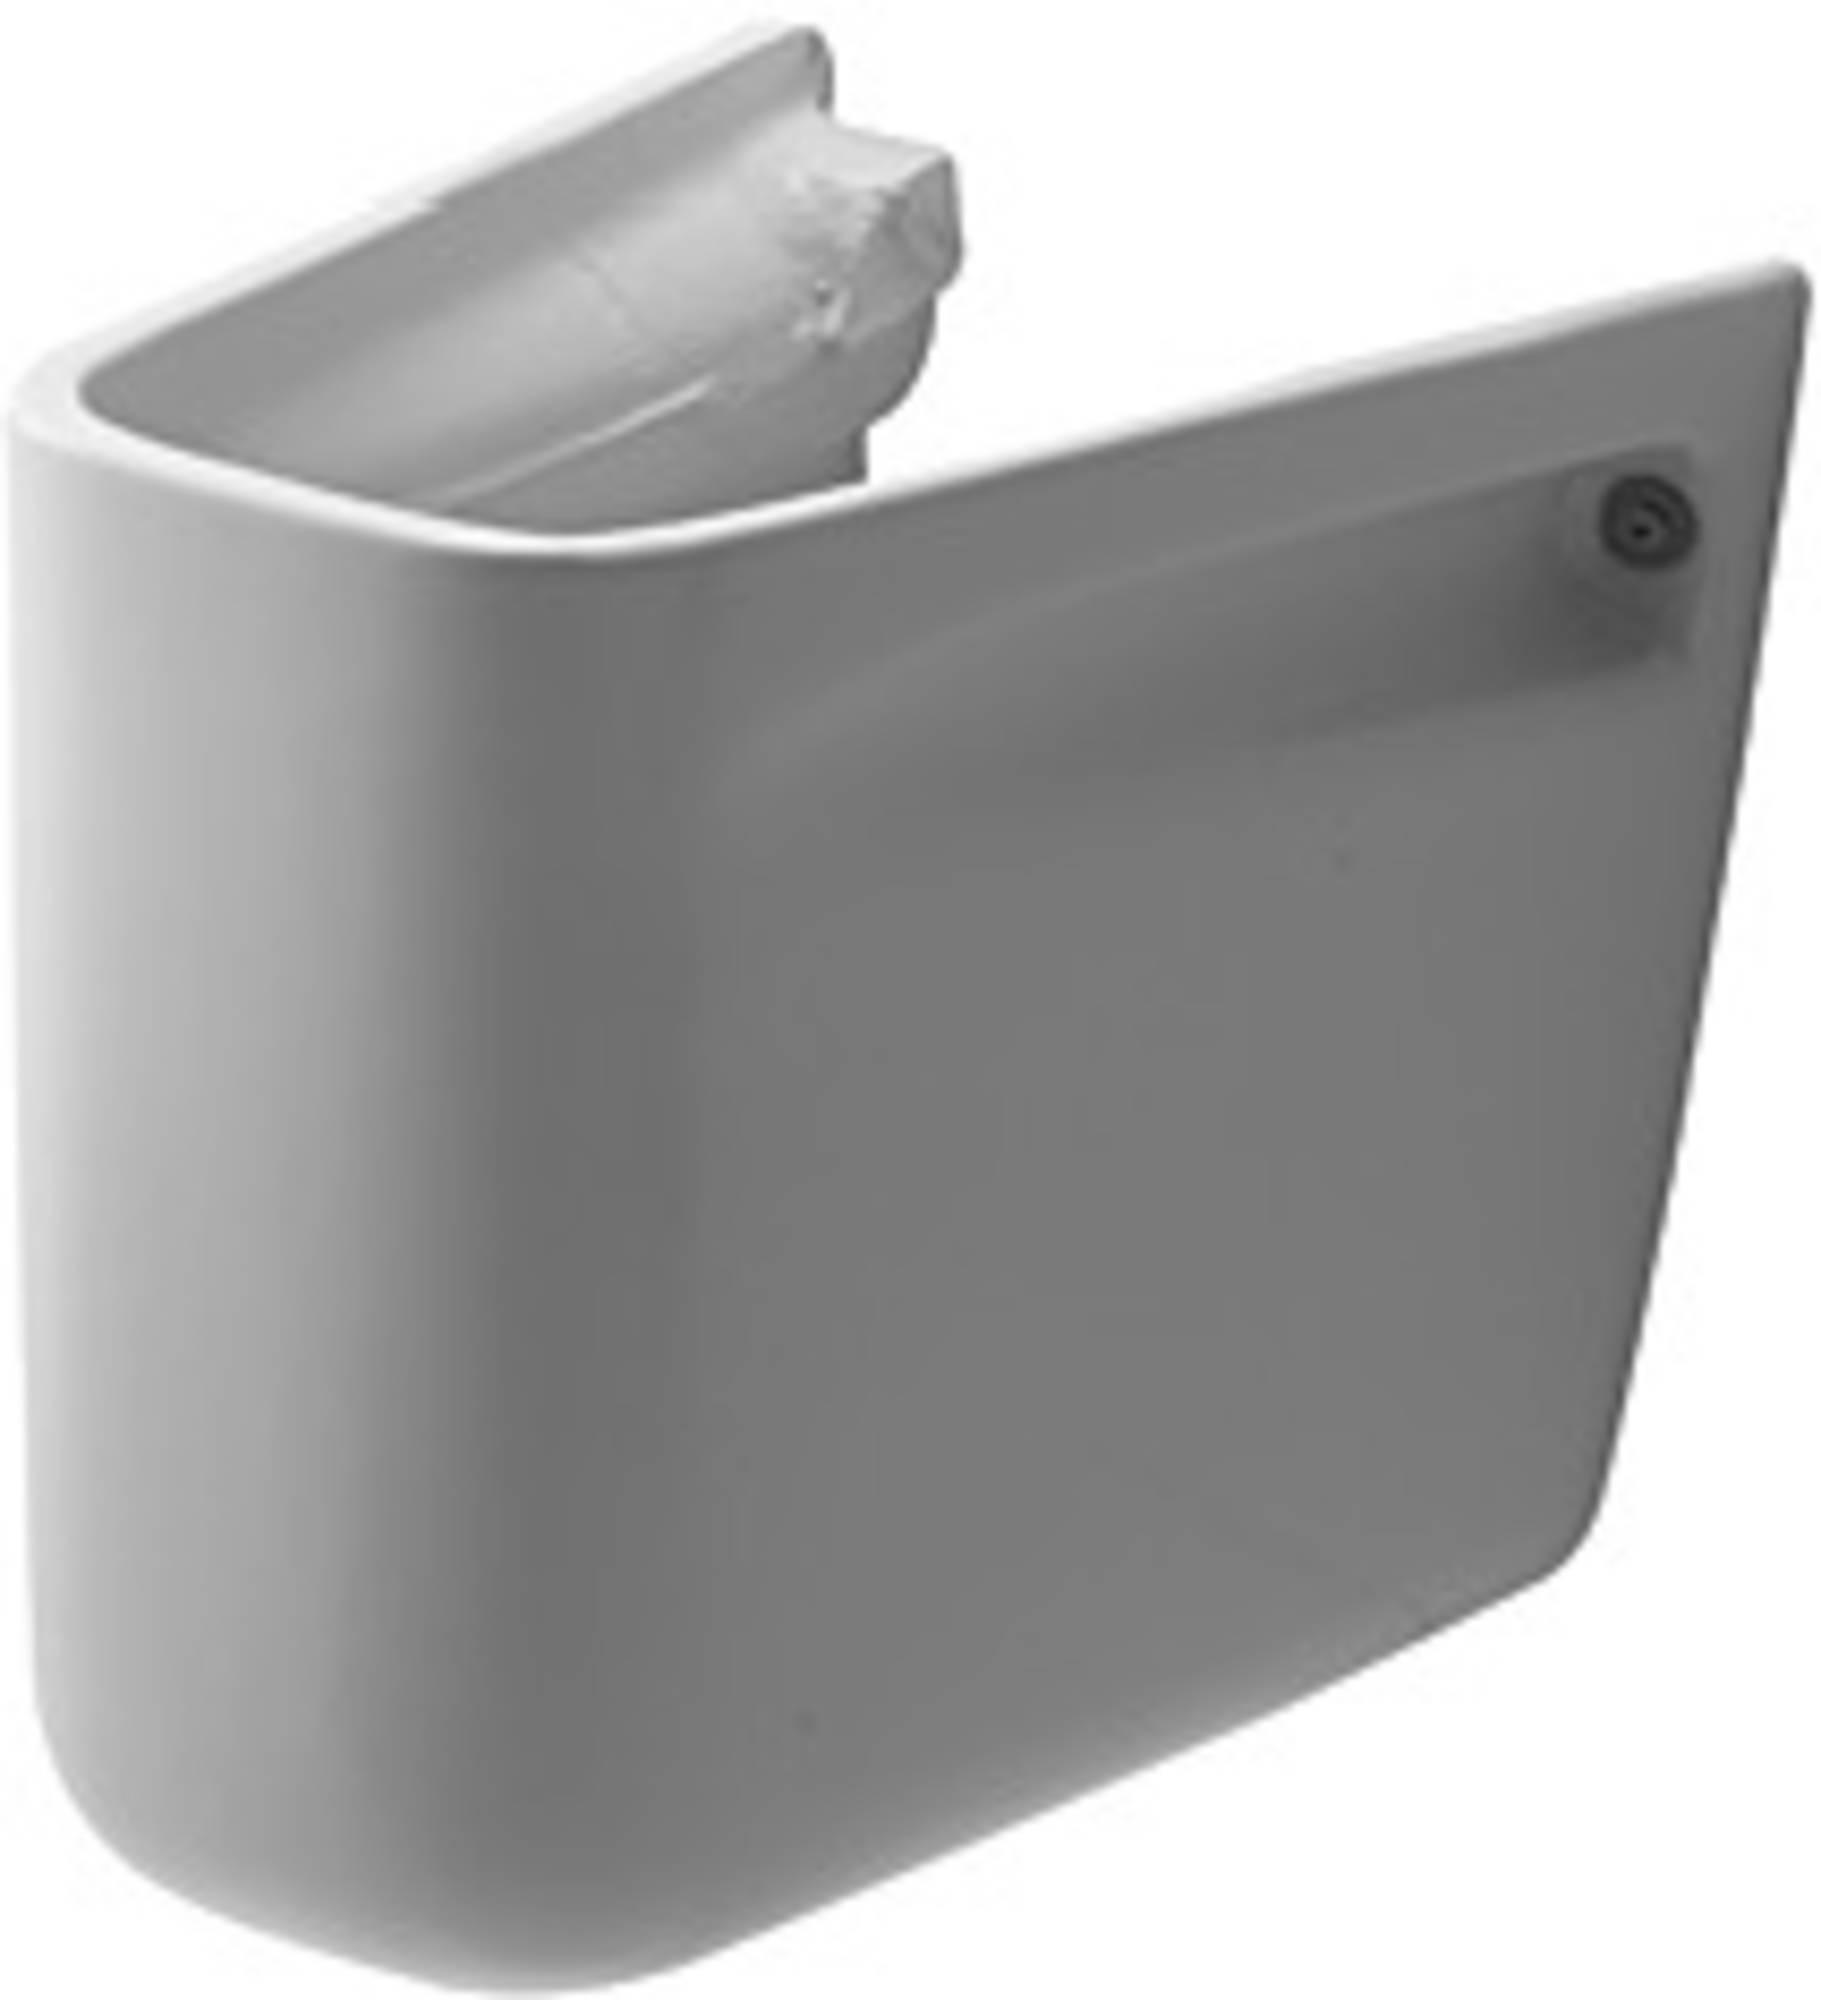 DURAVIT D-CODE sifonkap voor wastafel WIT (08571800002)